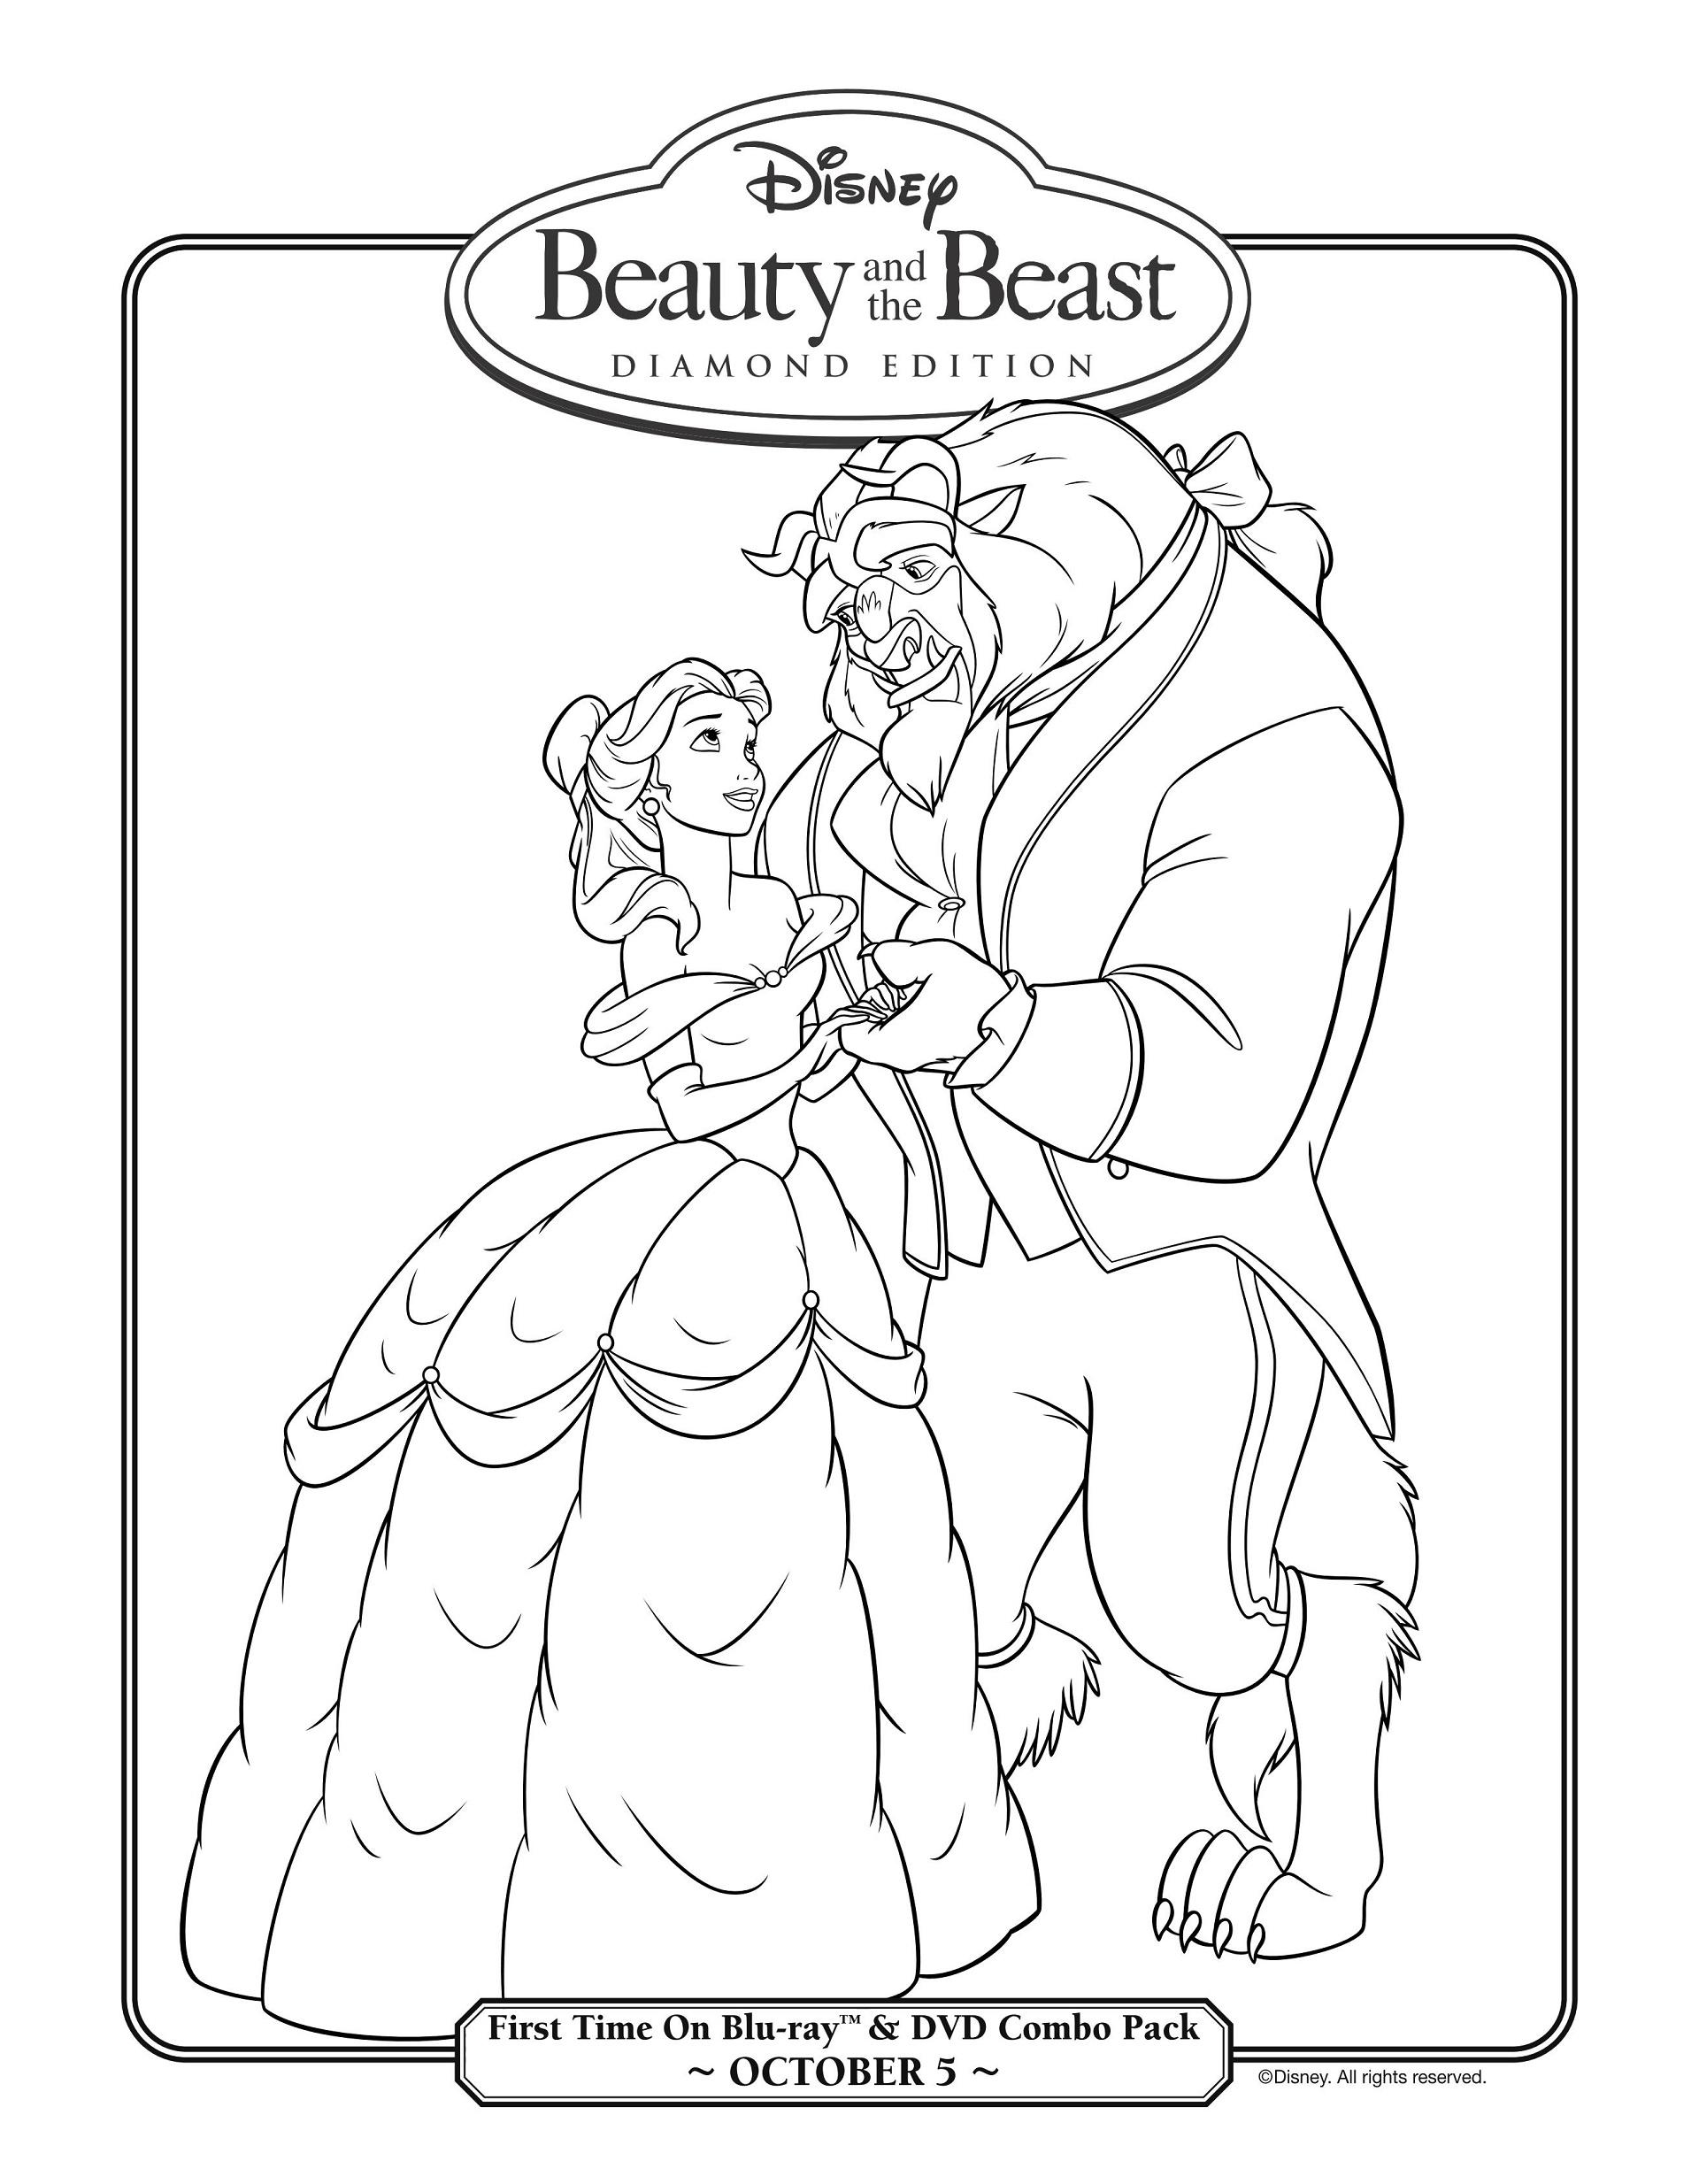 19 Dibujos de La Bella y la Bestia para colorear pintar e